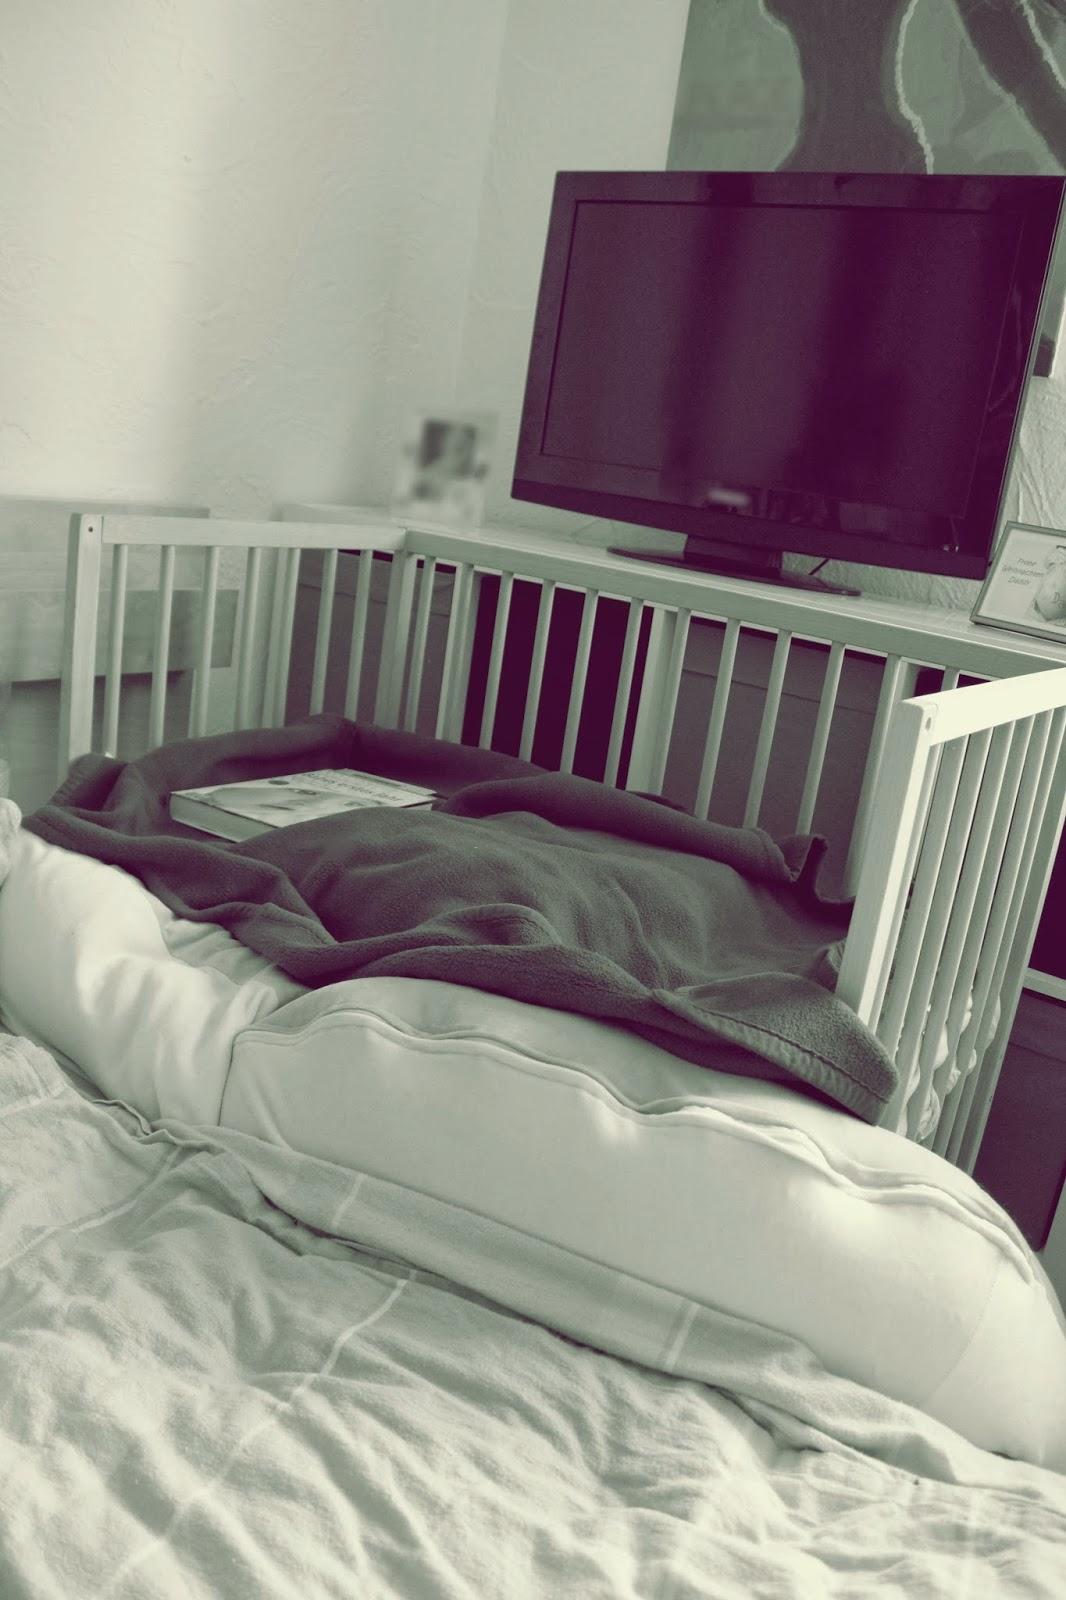 mein mama tagebuch aus meinem gummib rchen wurde ein baby babyfotoshooting. Black Bedroom Furniture Sets. Home Design Ideas